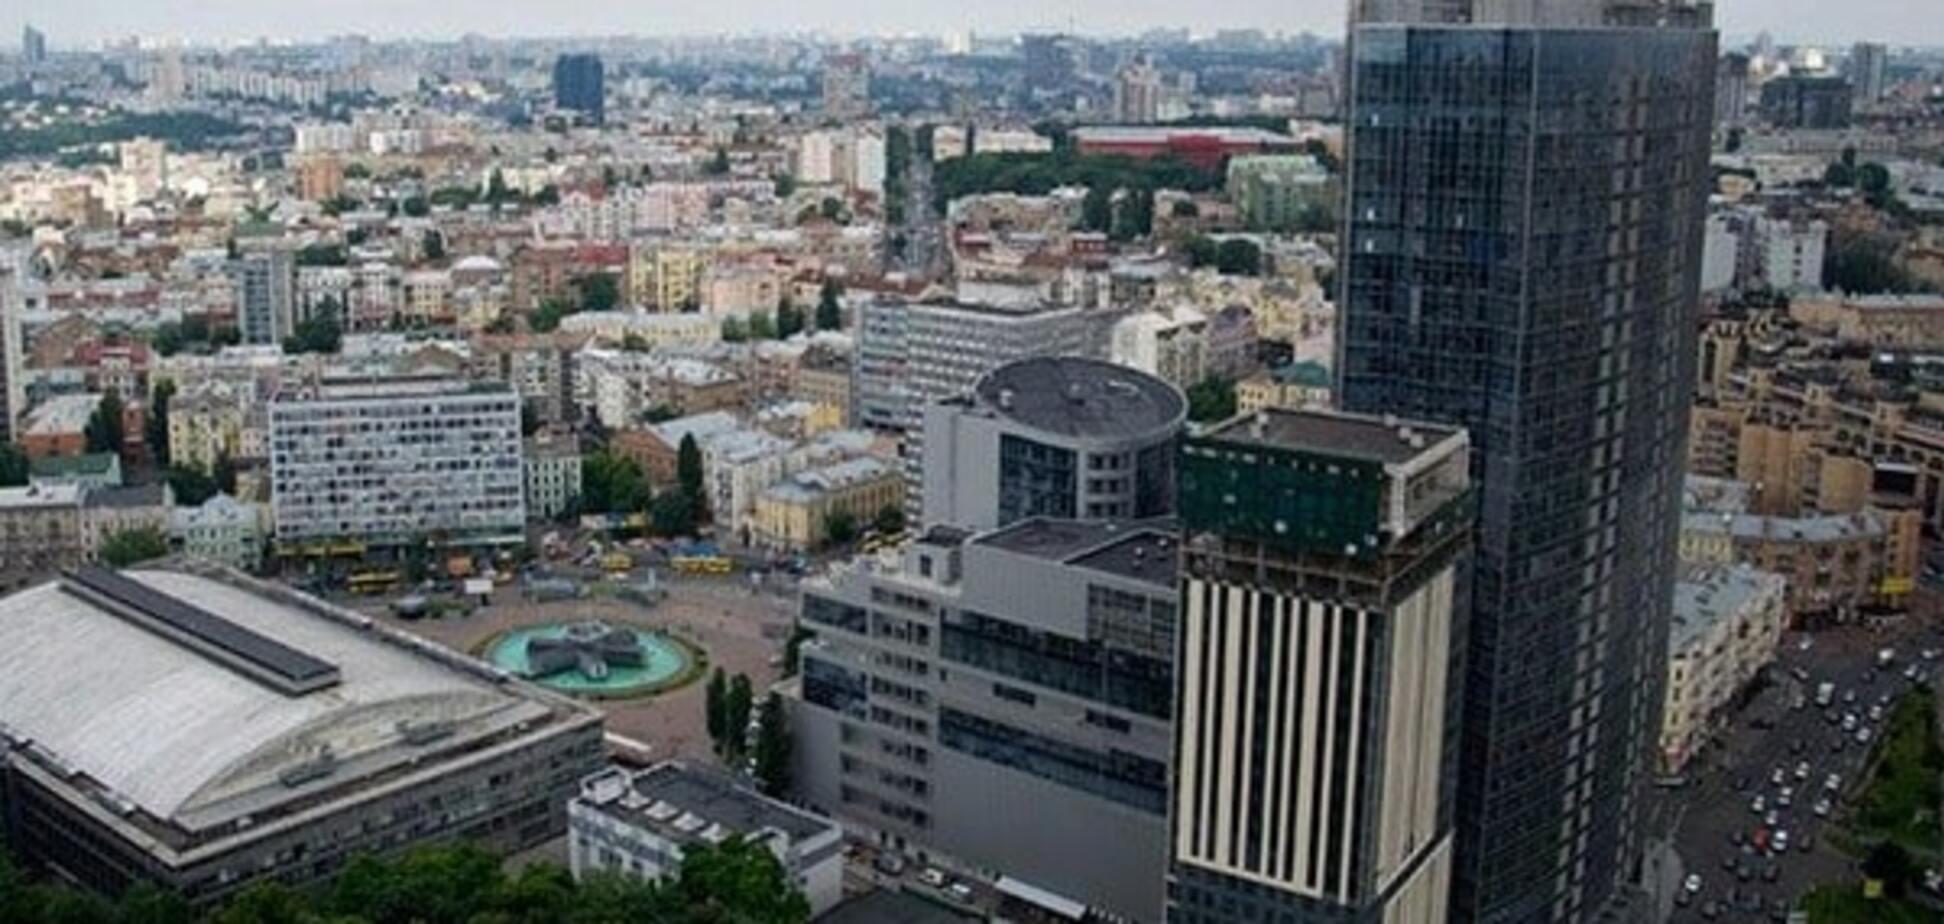 Повсталі з попелу: завгосп Януковича Кравець забудовує центр Києва і розширює мережу АЗС